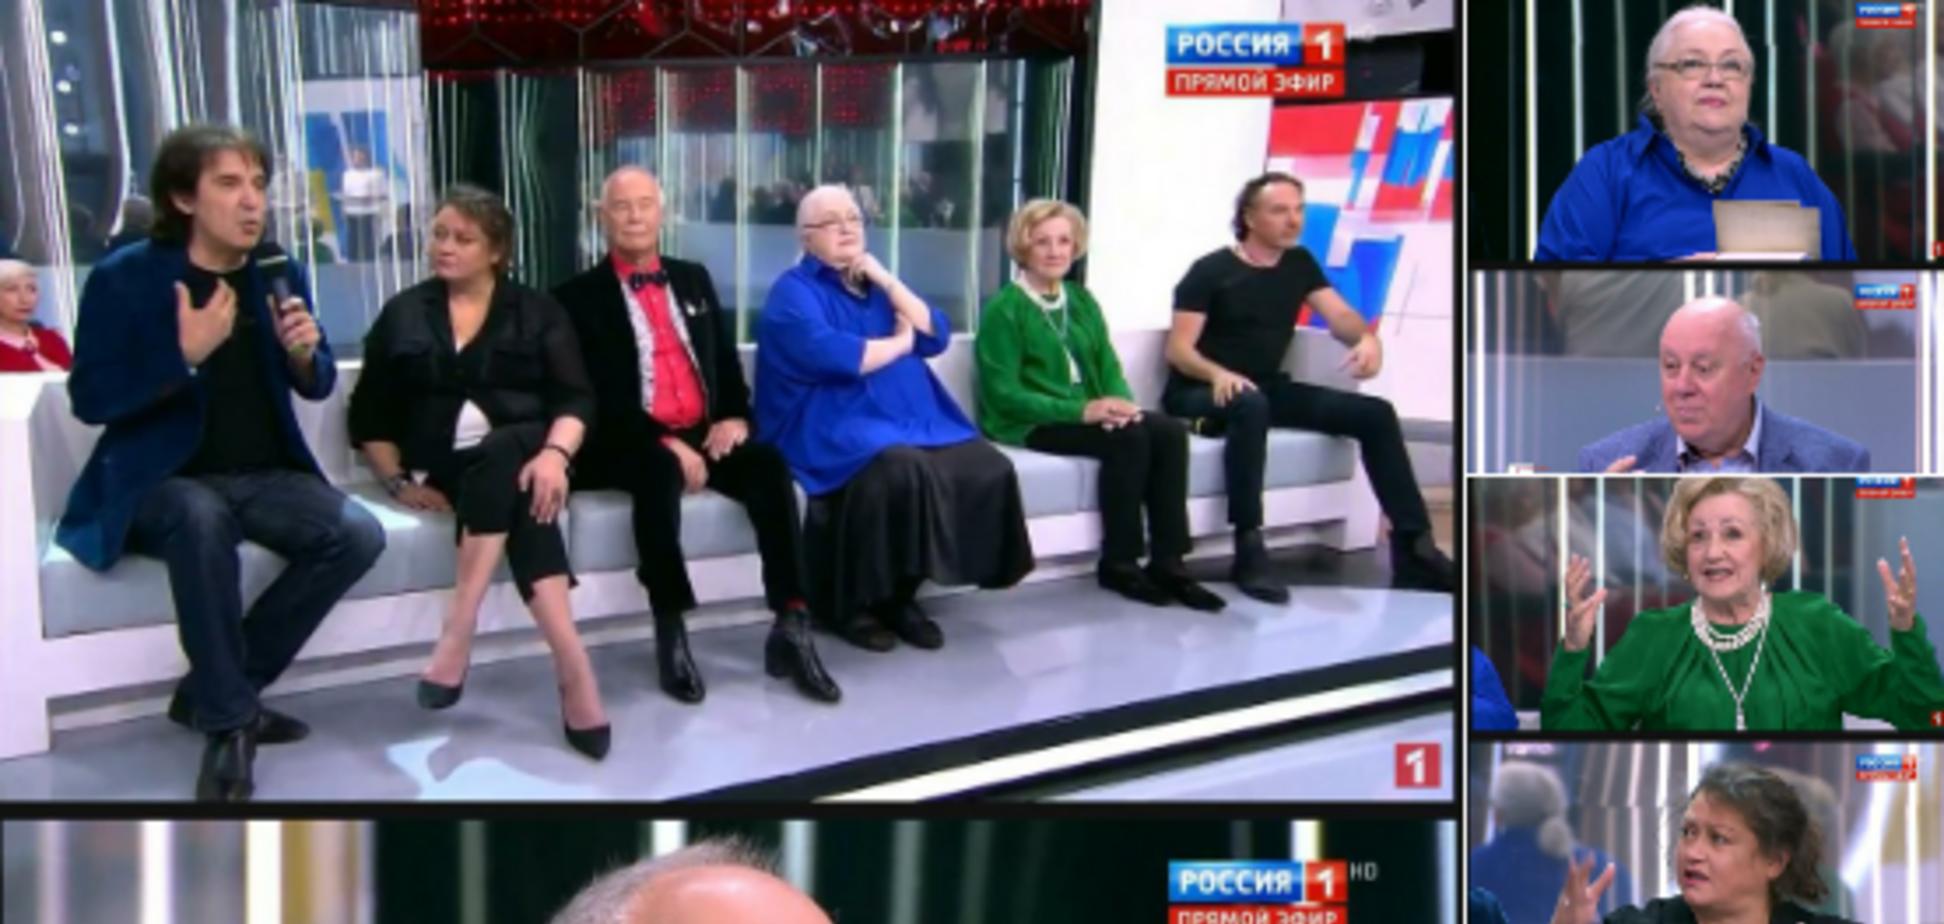 'Одні мумії!' Мережу розлютив скандальний телеміст між Москвою і Києвом